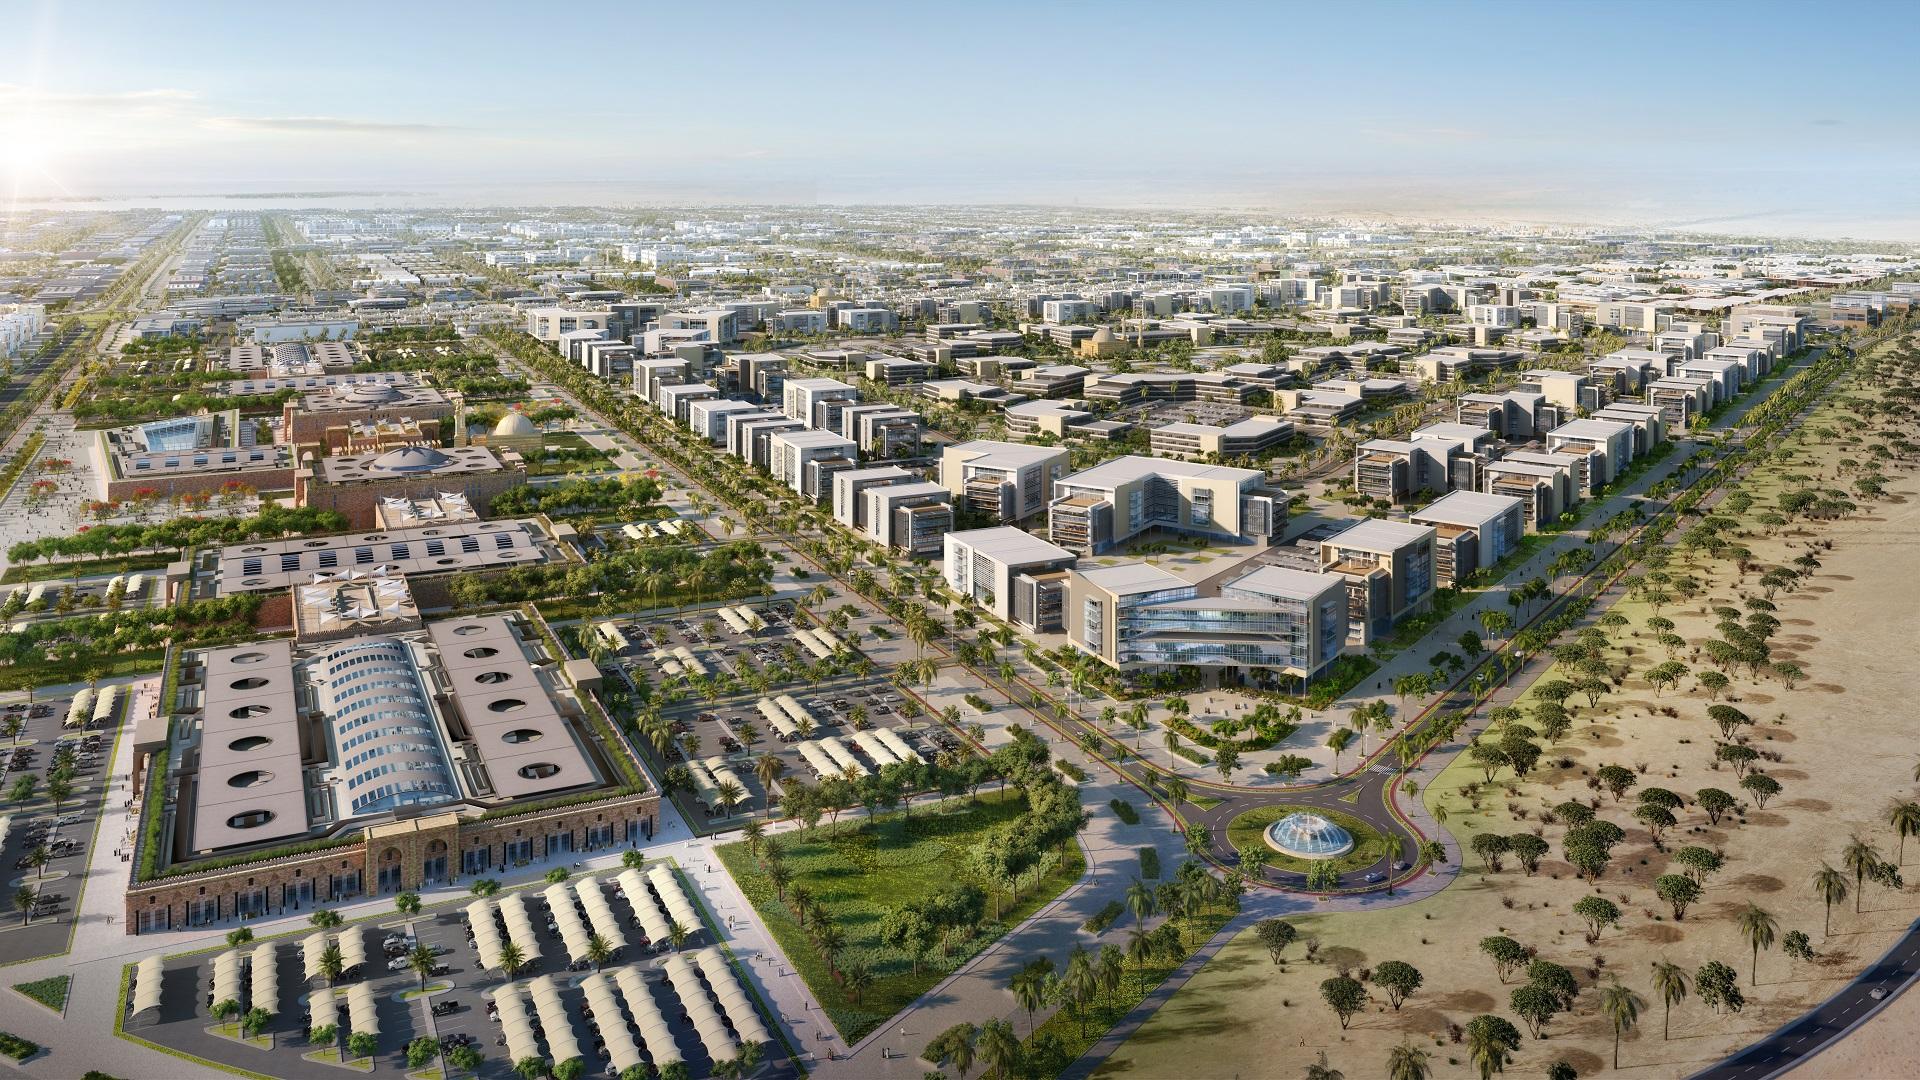 ATKINS_Oman_CGI05_04_HD